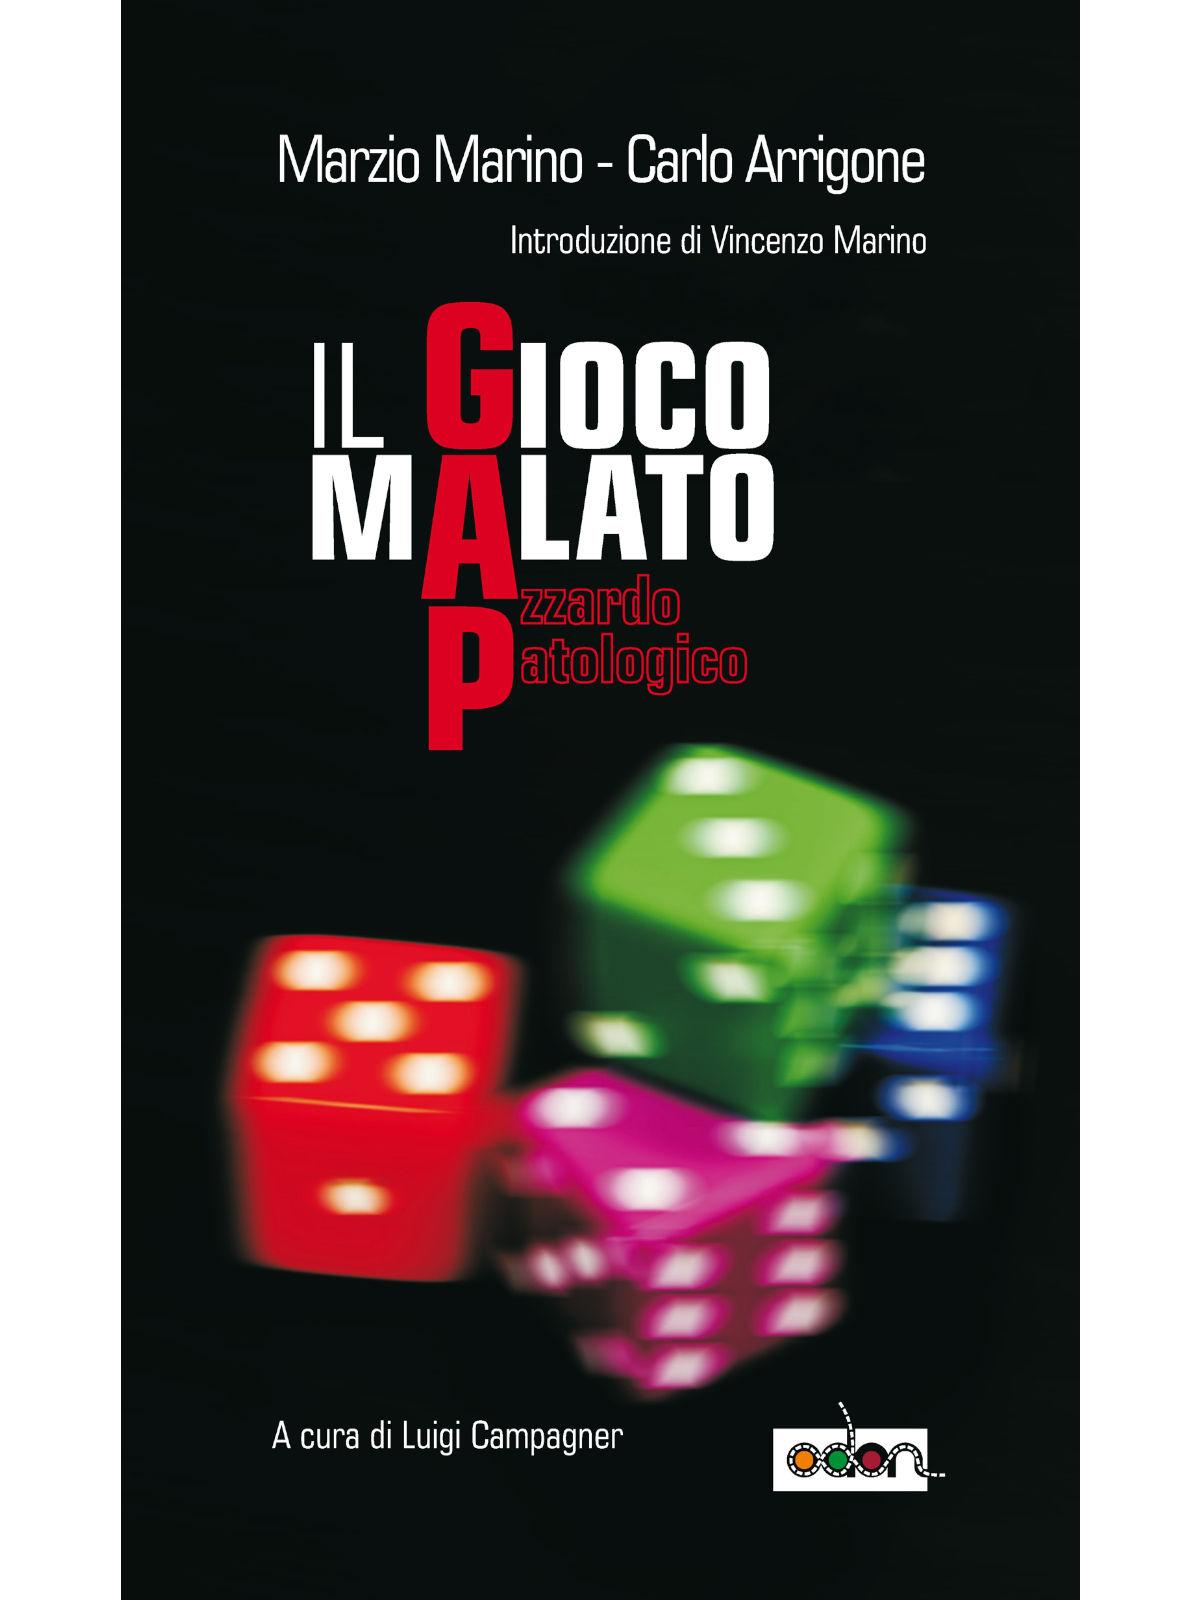 Immagine della copertina del libro GAP Il gioco malato